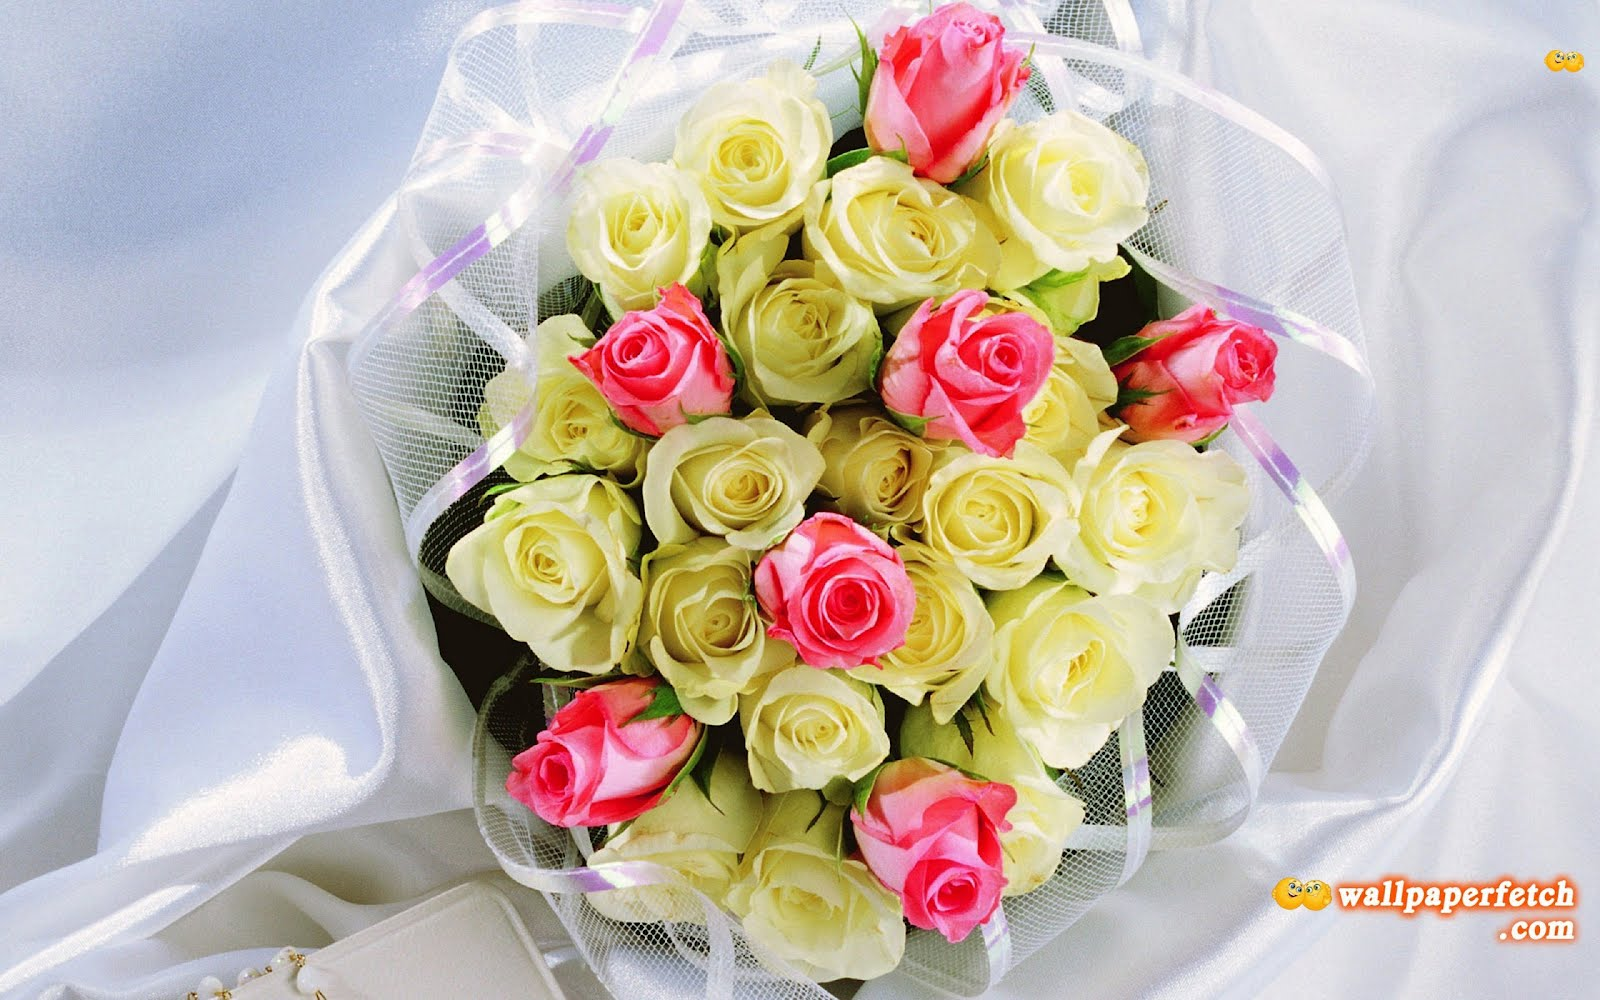 http://4.bp.blogspot.com/-OsbCZuDbZFU/UDKTxYLyiRI/AAAAAAAAN34/lBKC886b9HM/s1600/bouquet-of-roses-74207.jpg